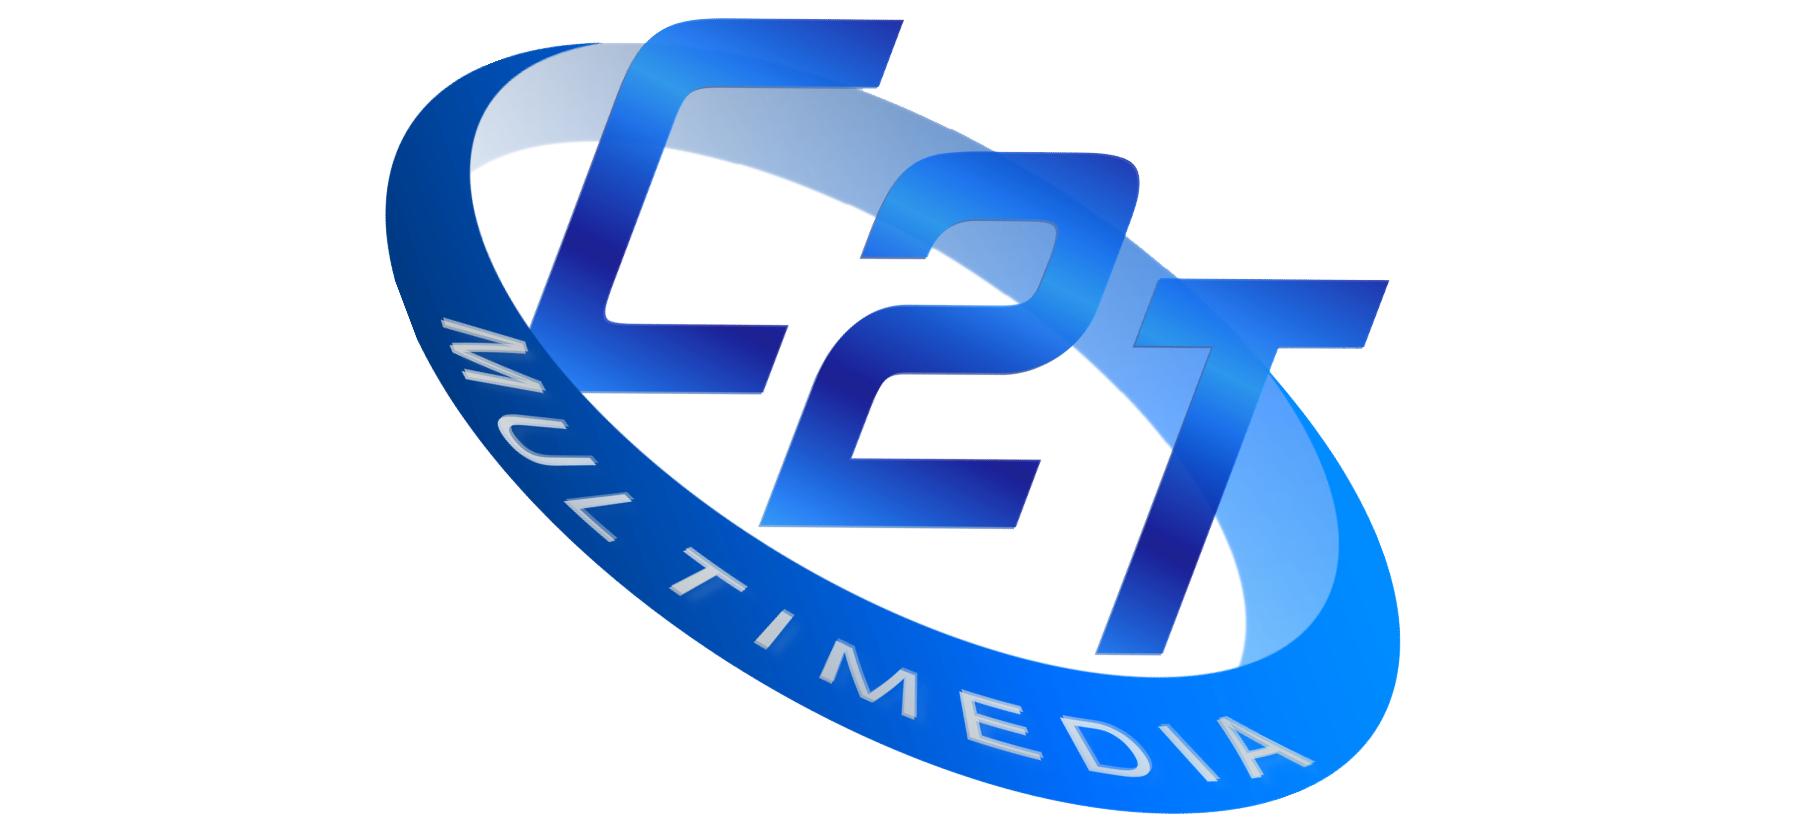 C2T Multimedia